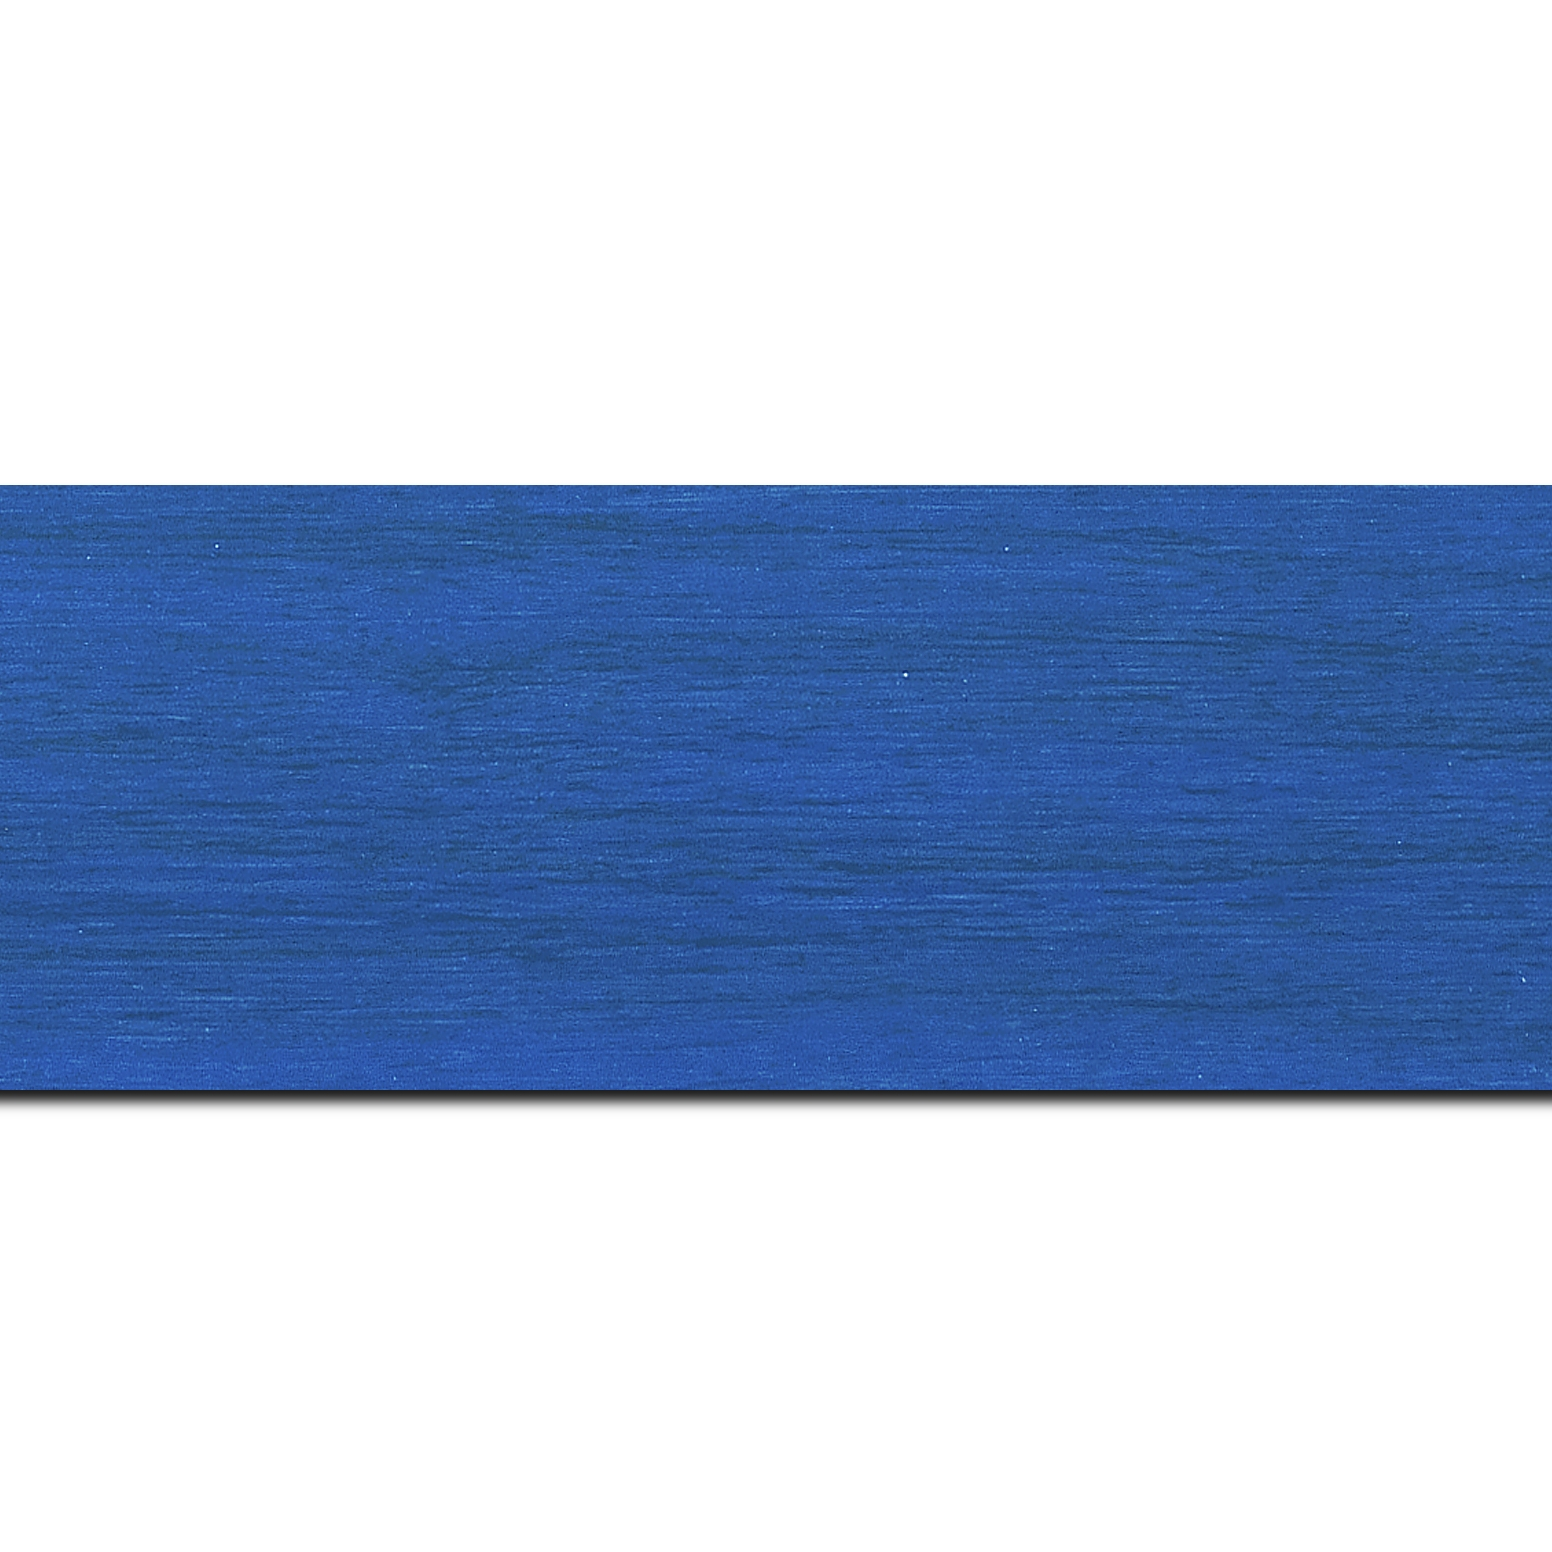 Pack par 12m, bois profil plat largeur 6cm bleu roi satiné effet veiné ,chant extérieur du cadre de couleur noire(longueur baguette pouvant varier entre 2.40m et 3m selon arrivage des bois)